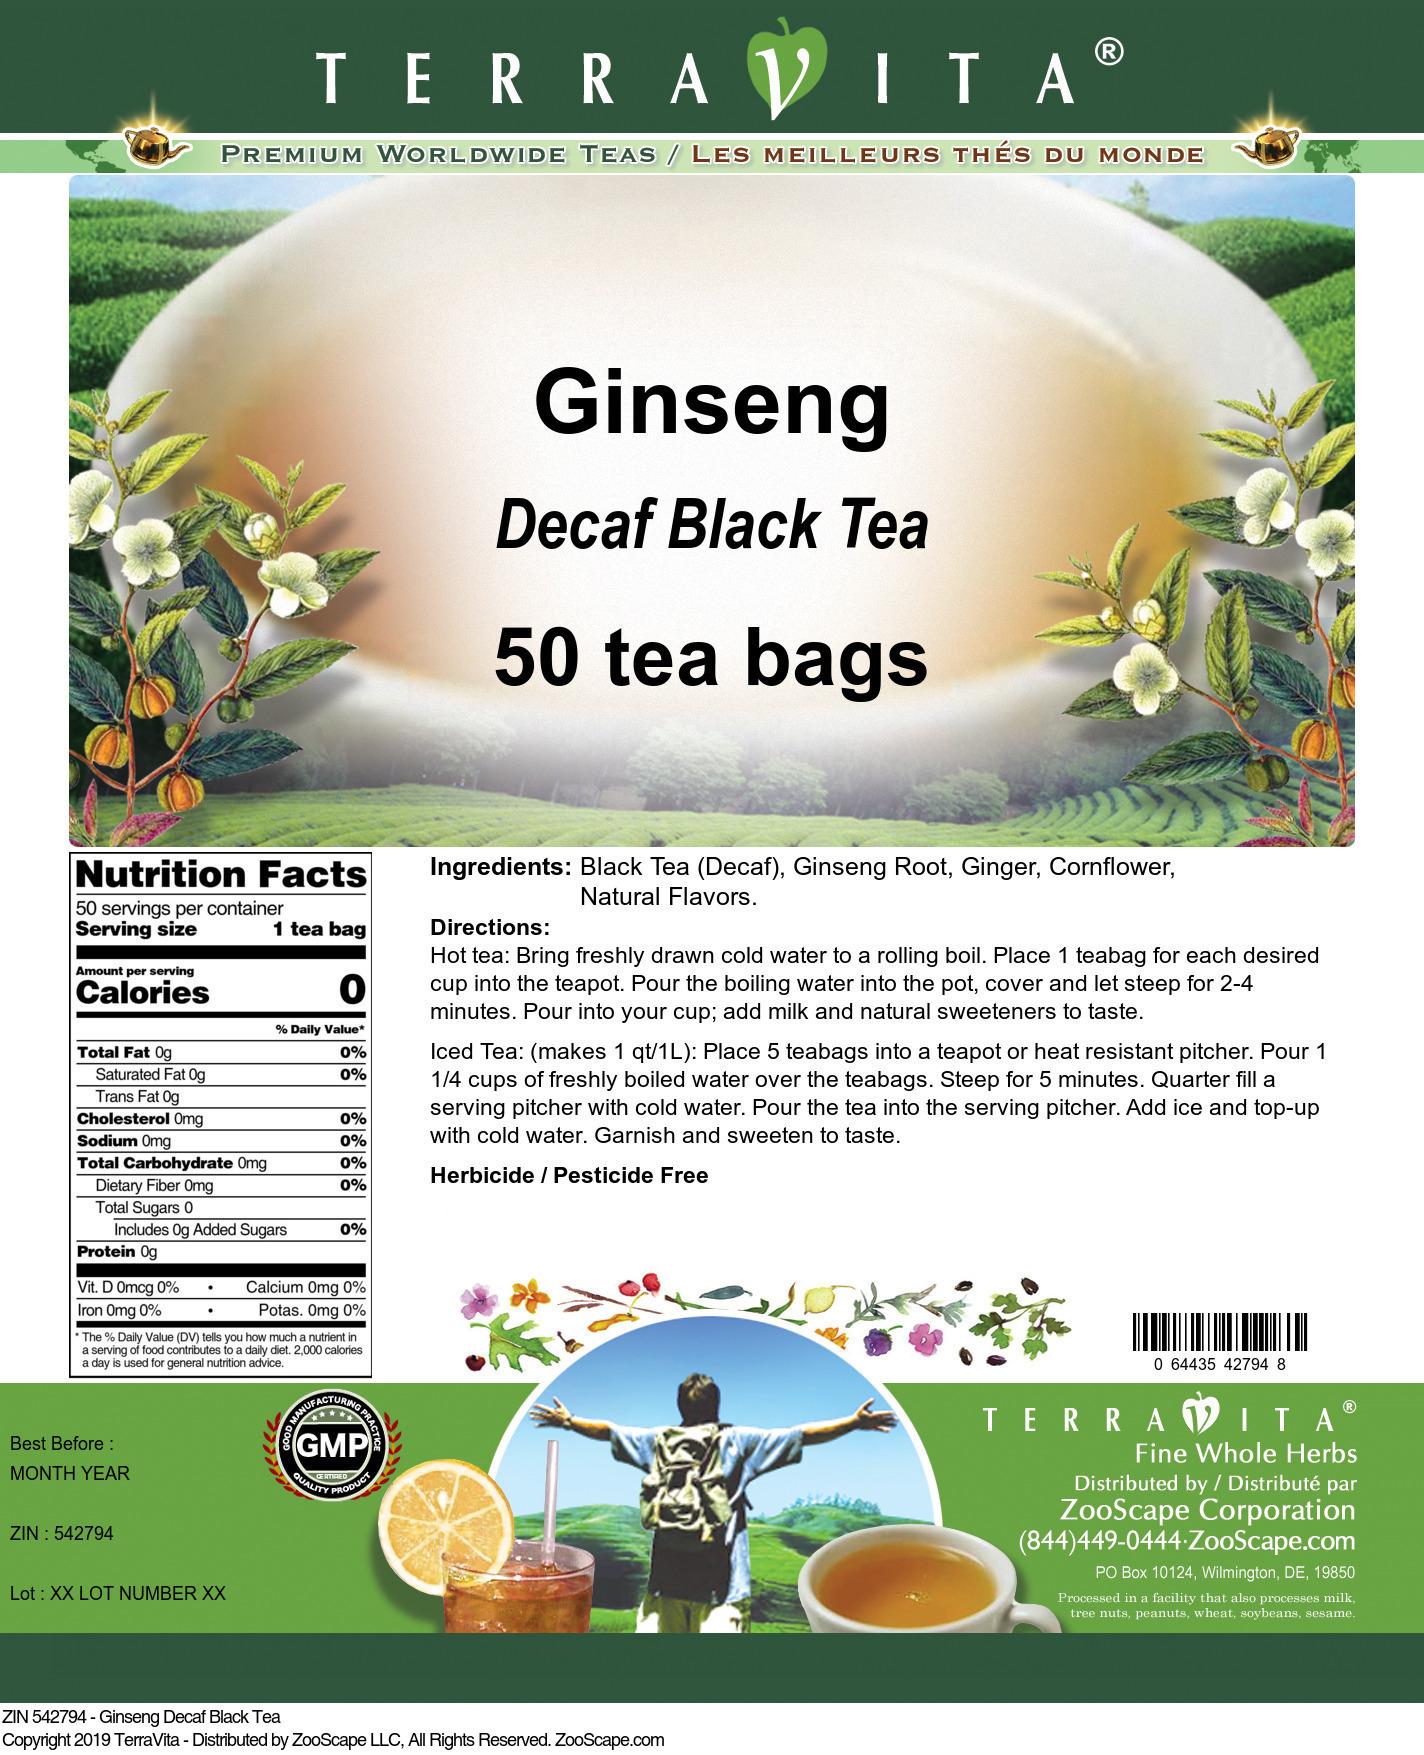 Ginseng Decaf Black Tea